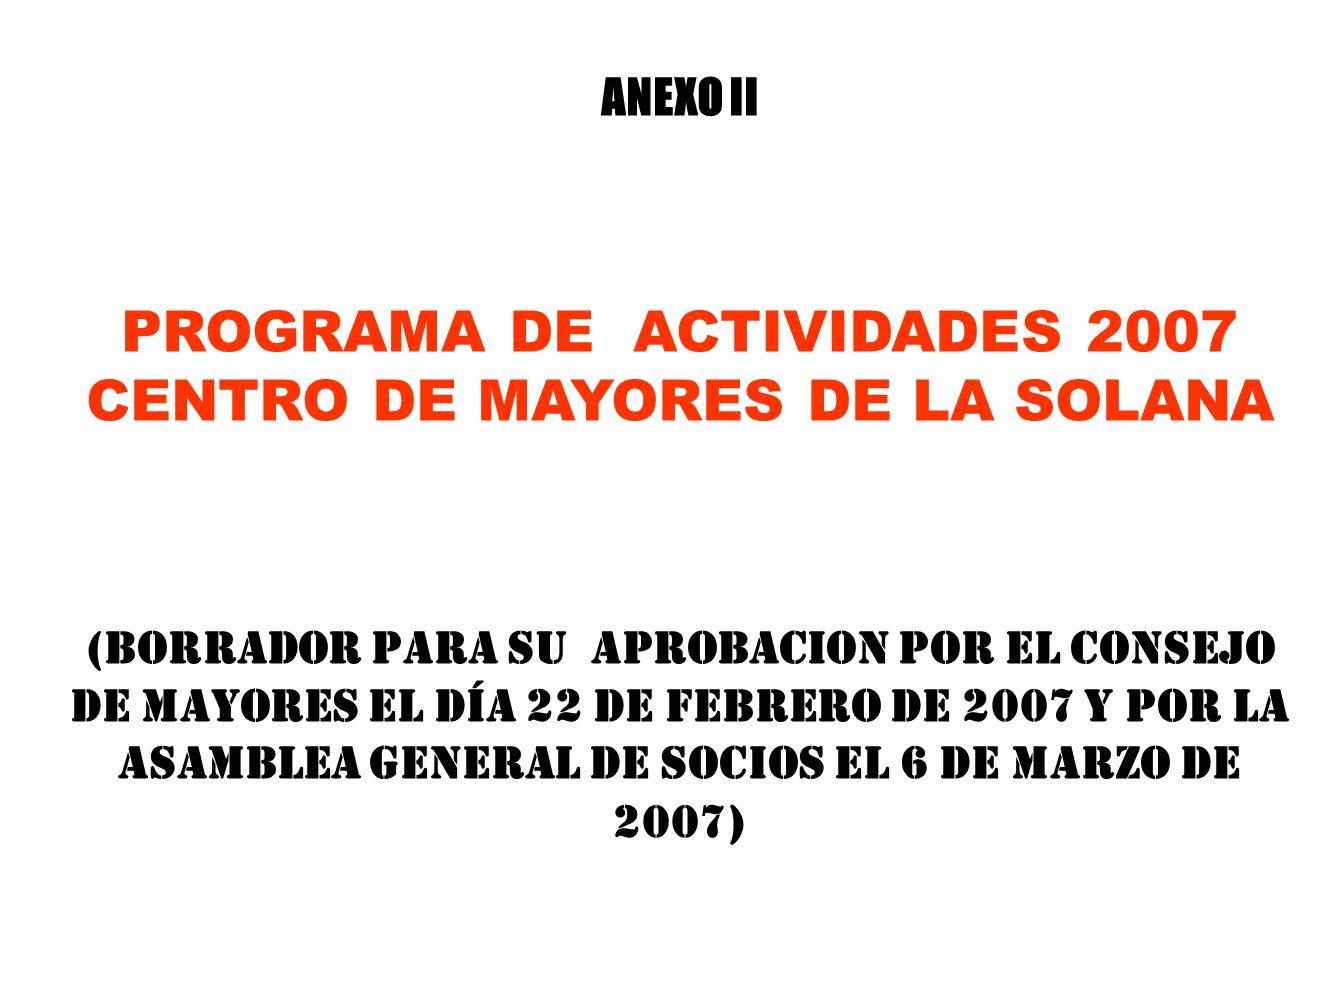 PROGRAMA DE ACTIVIDADES 2007 CENTRO DE MAYORES DE LA SOLANA